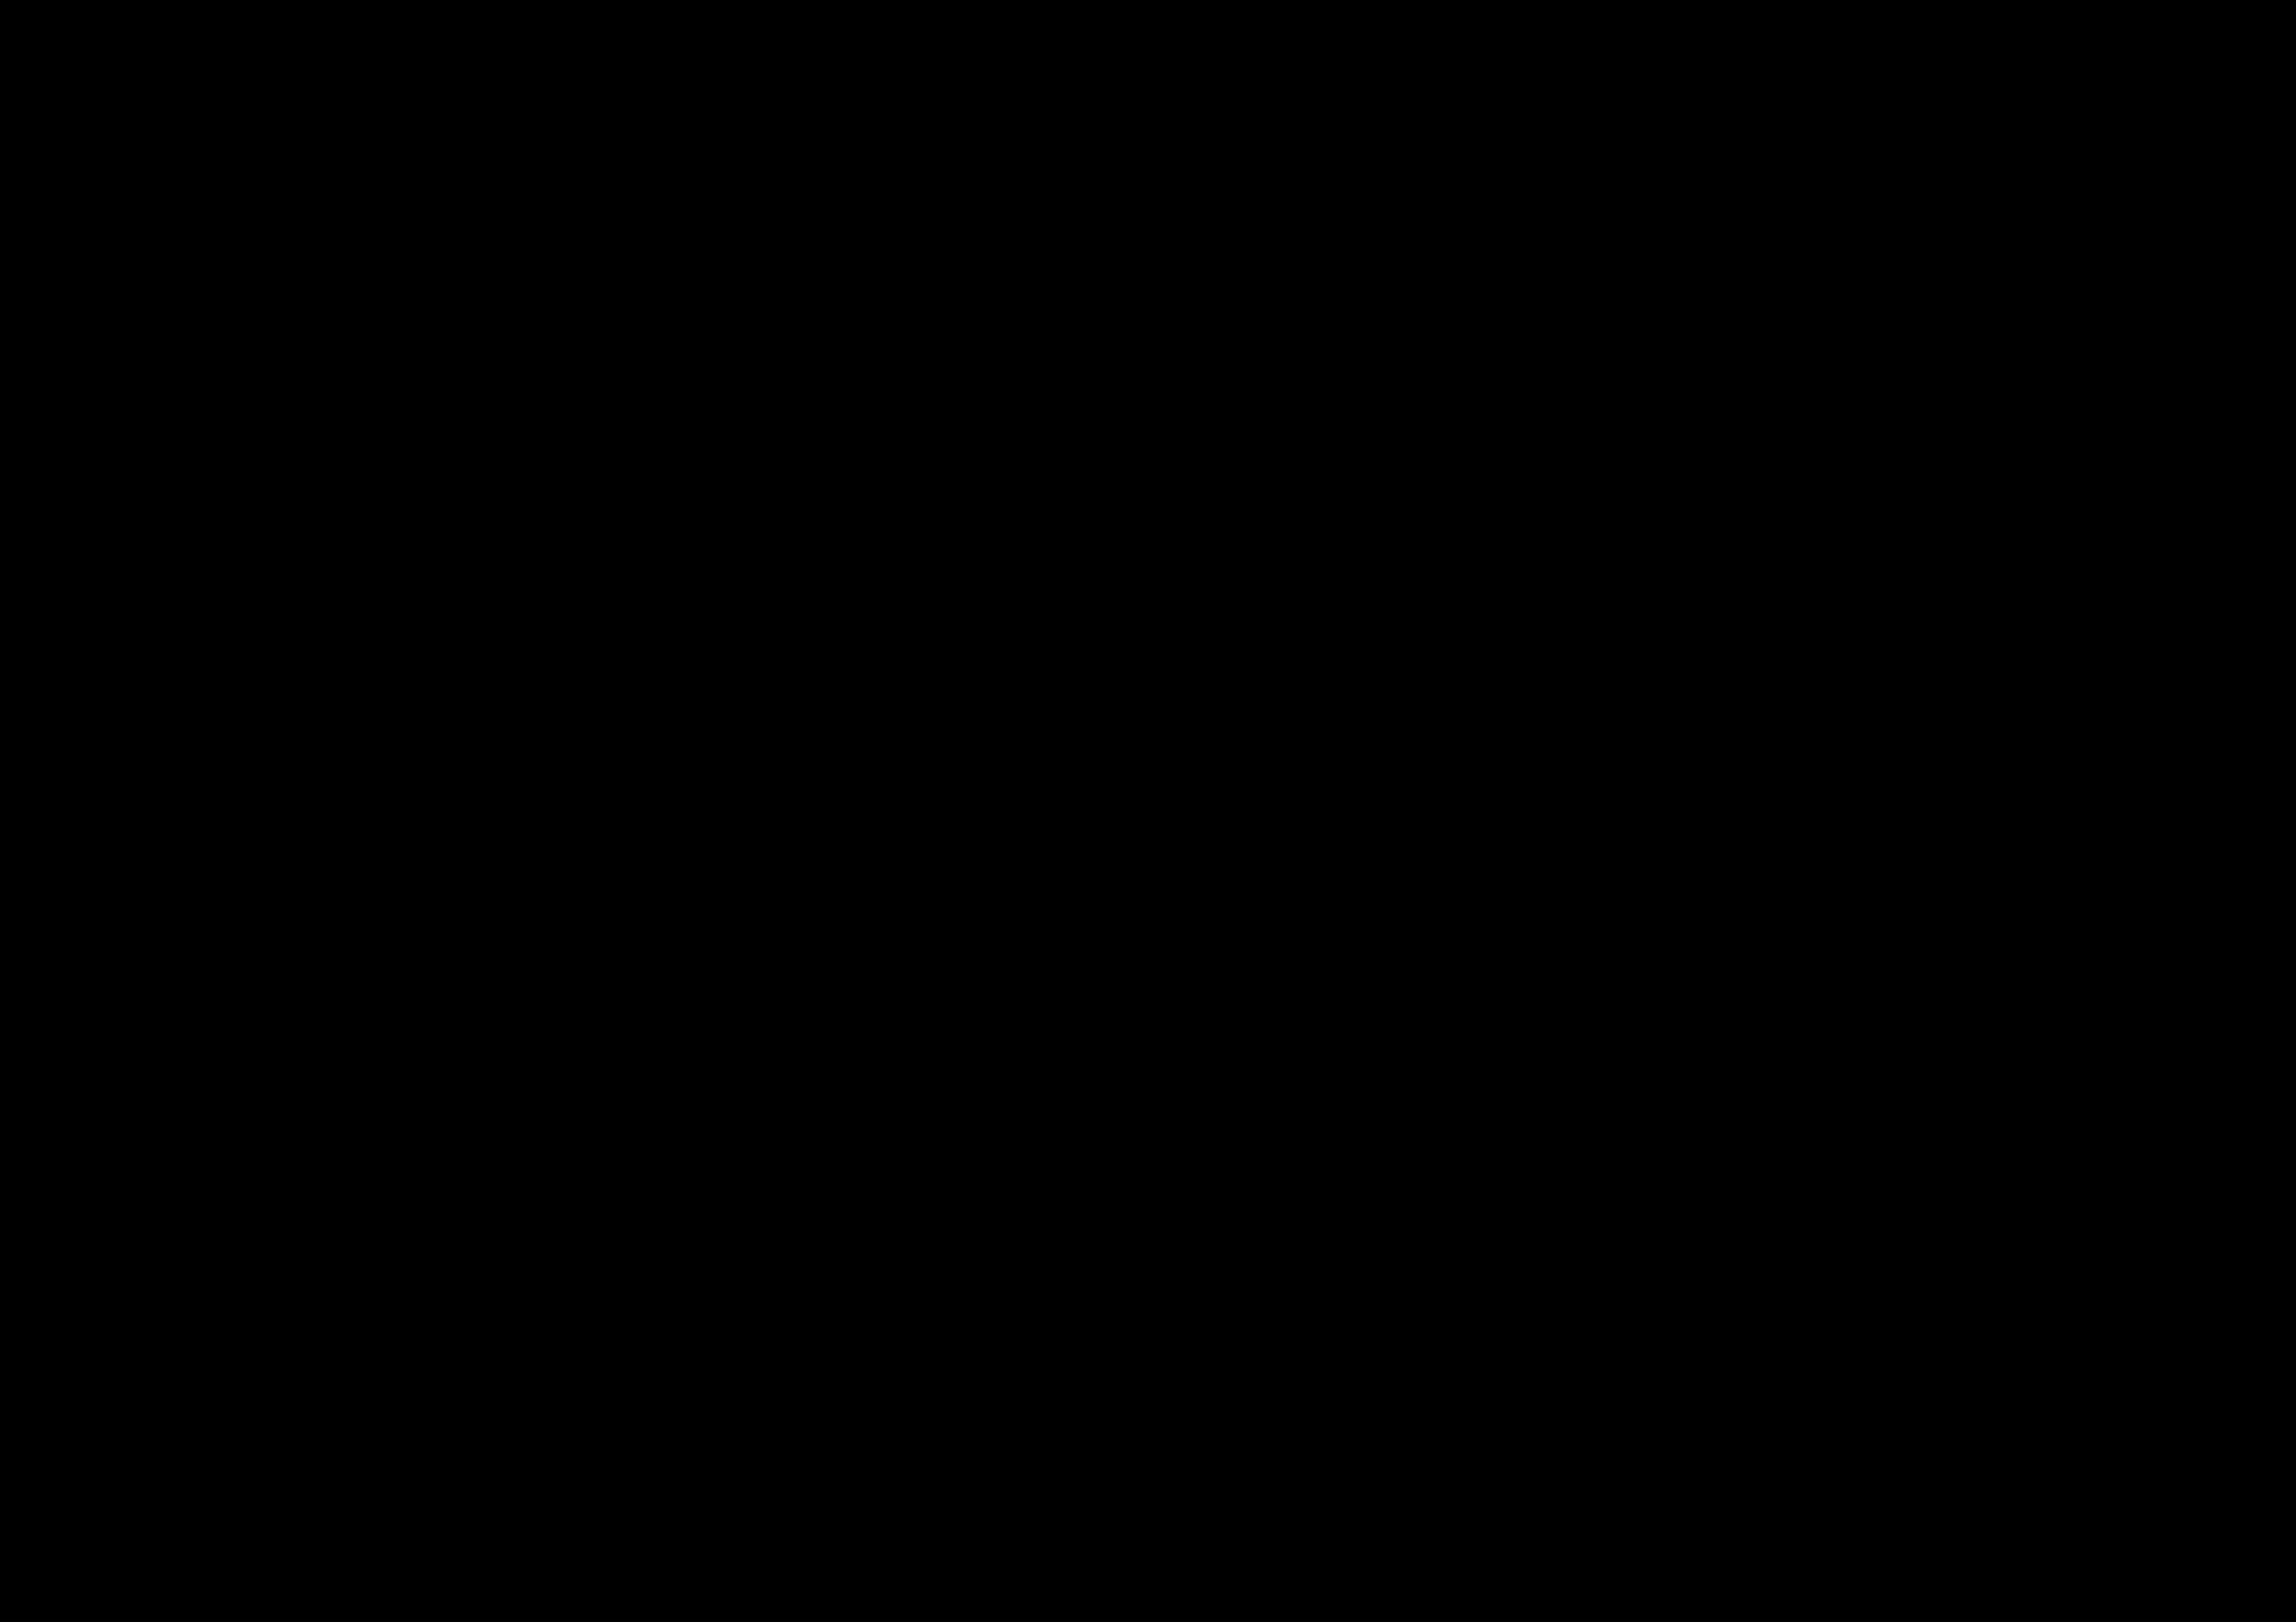 Linea 13 centro social y de acogida pfc 2015 - Arquitectura de interiores ...